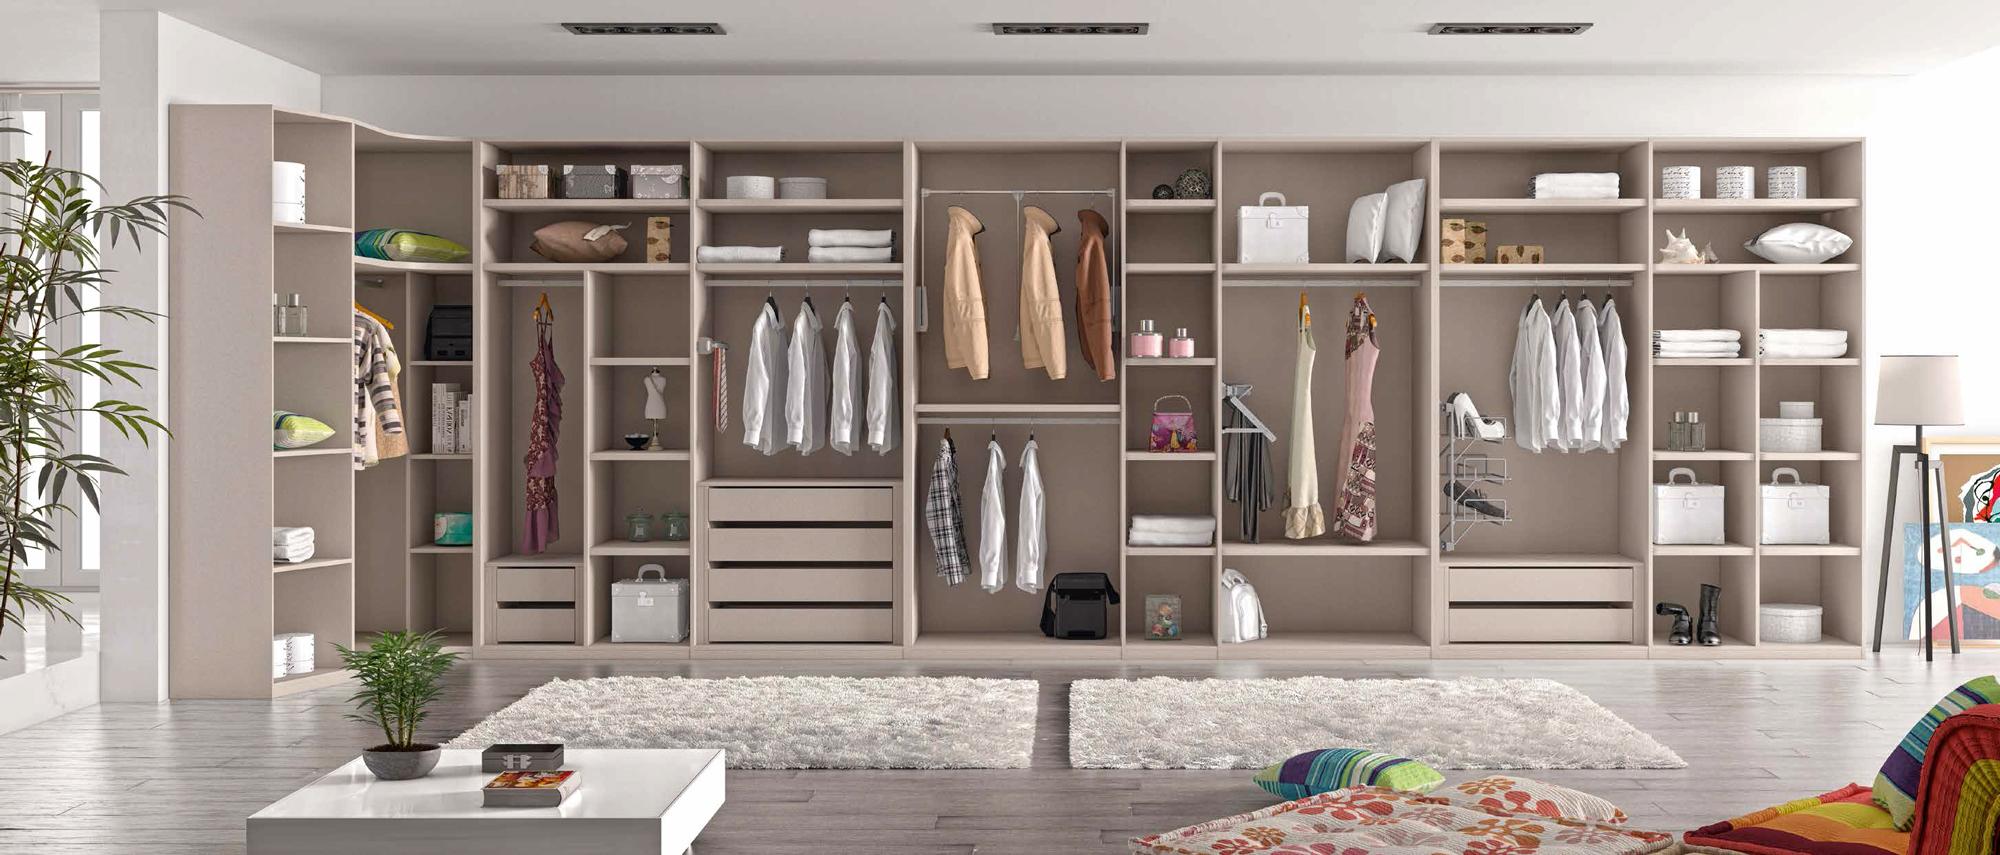 Guide pratique pour optimiser le rangement chambre enfant - Penderie maison ...